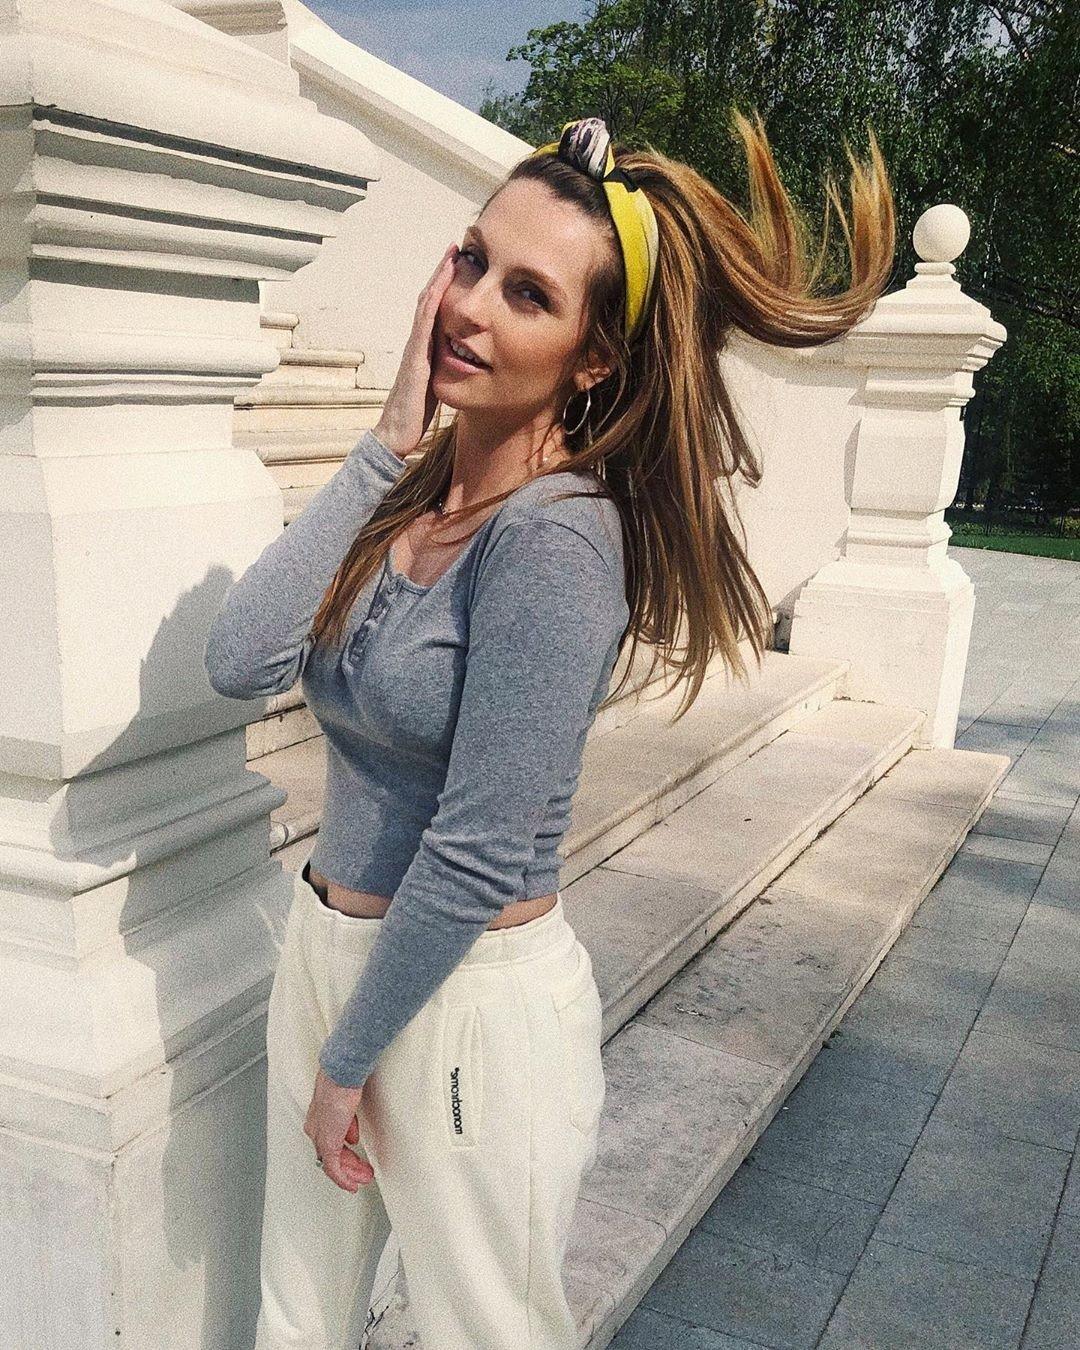 Модная мамочка: Саша Савельева прогулялась с сыном в стильном наряде